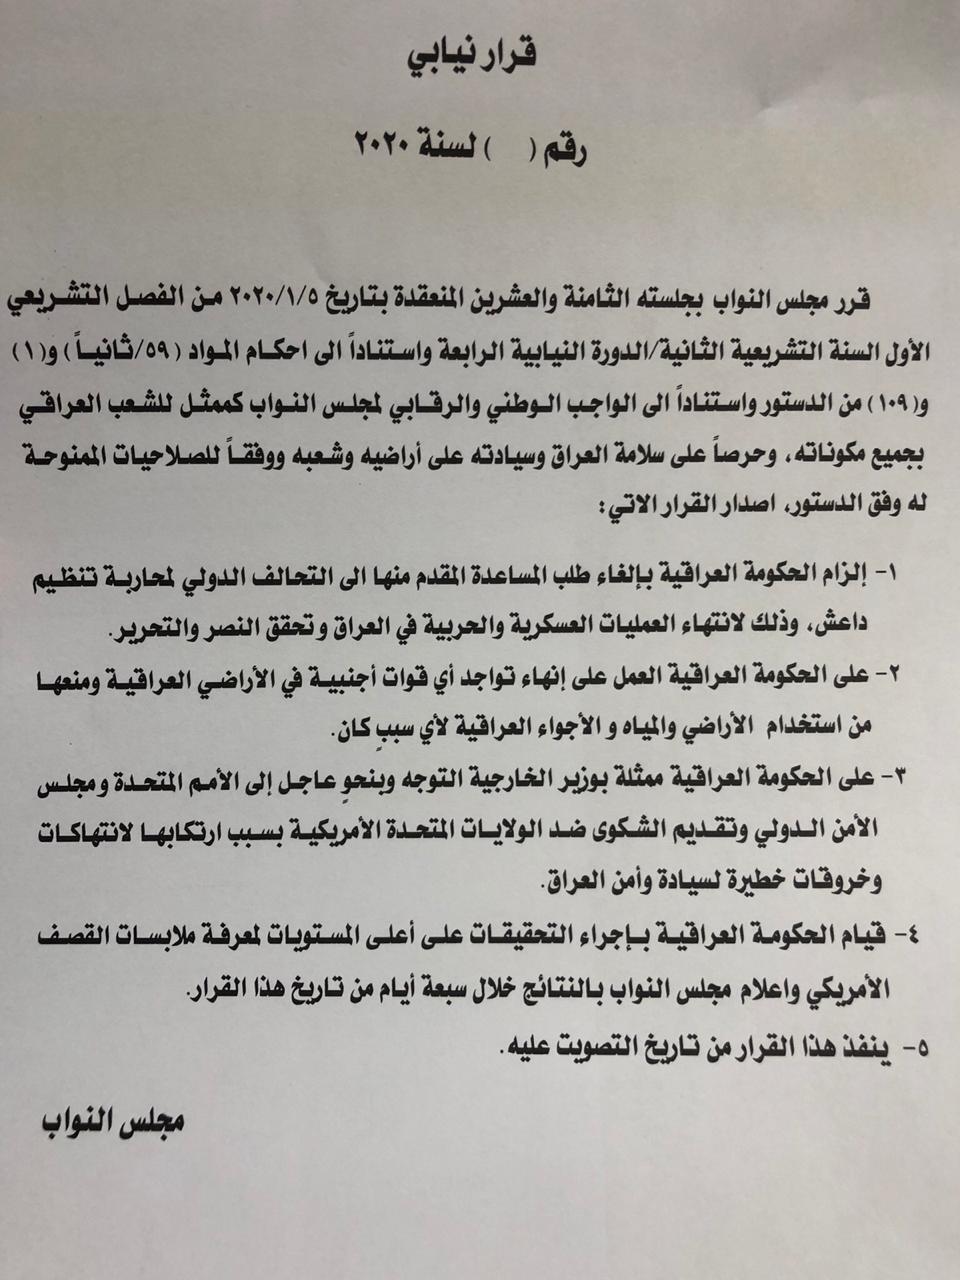 نص قرار مجلس النواب العراقي